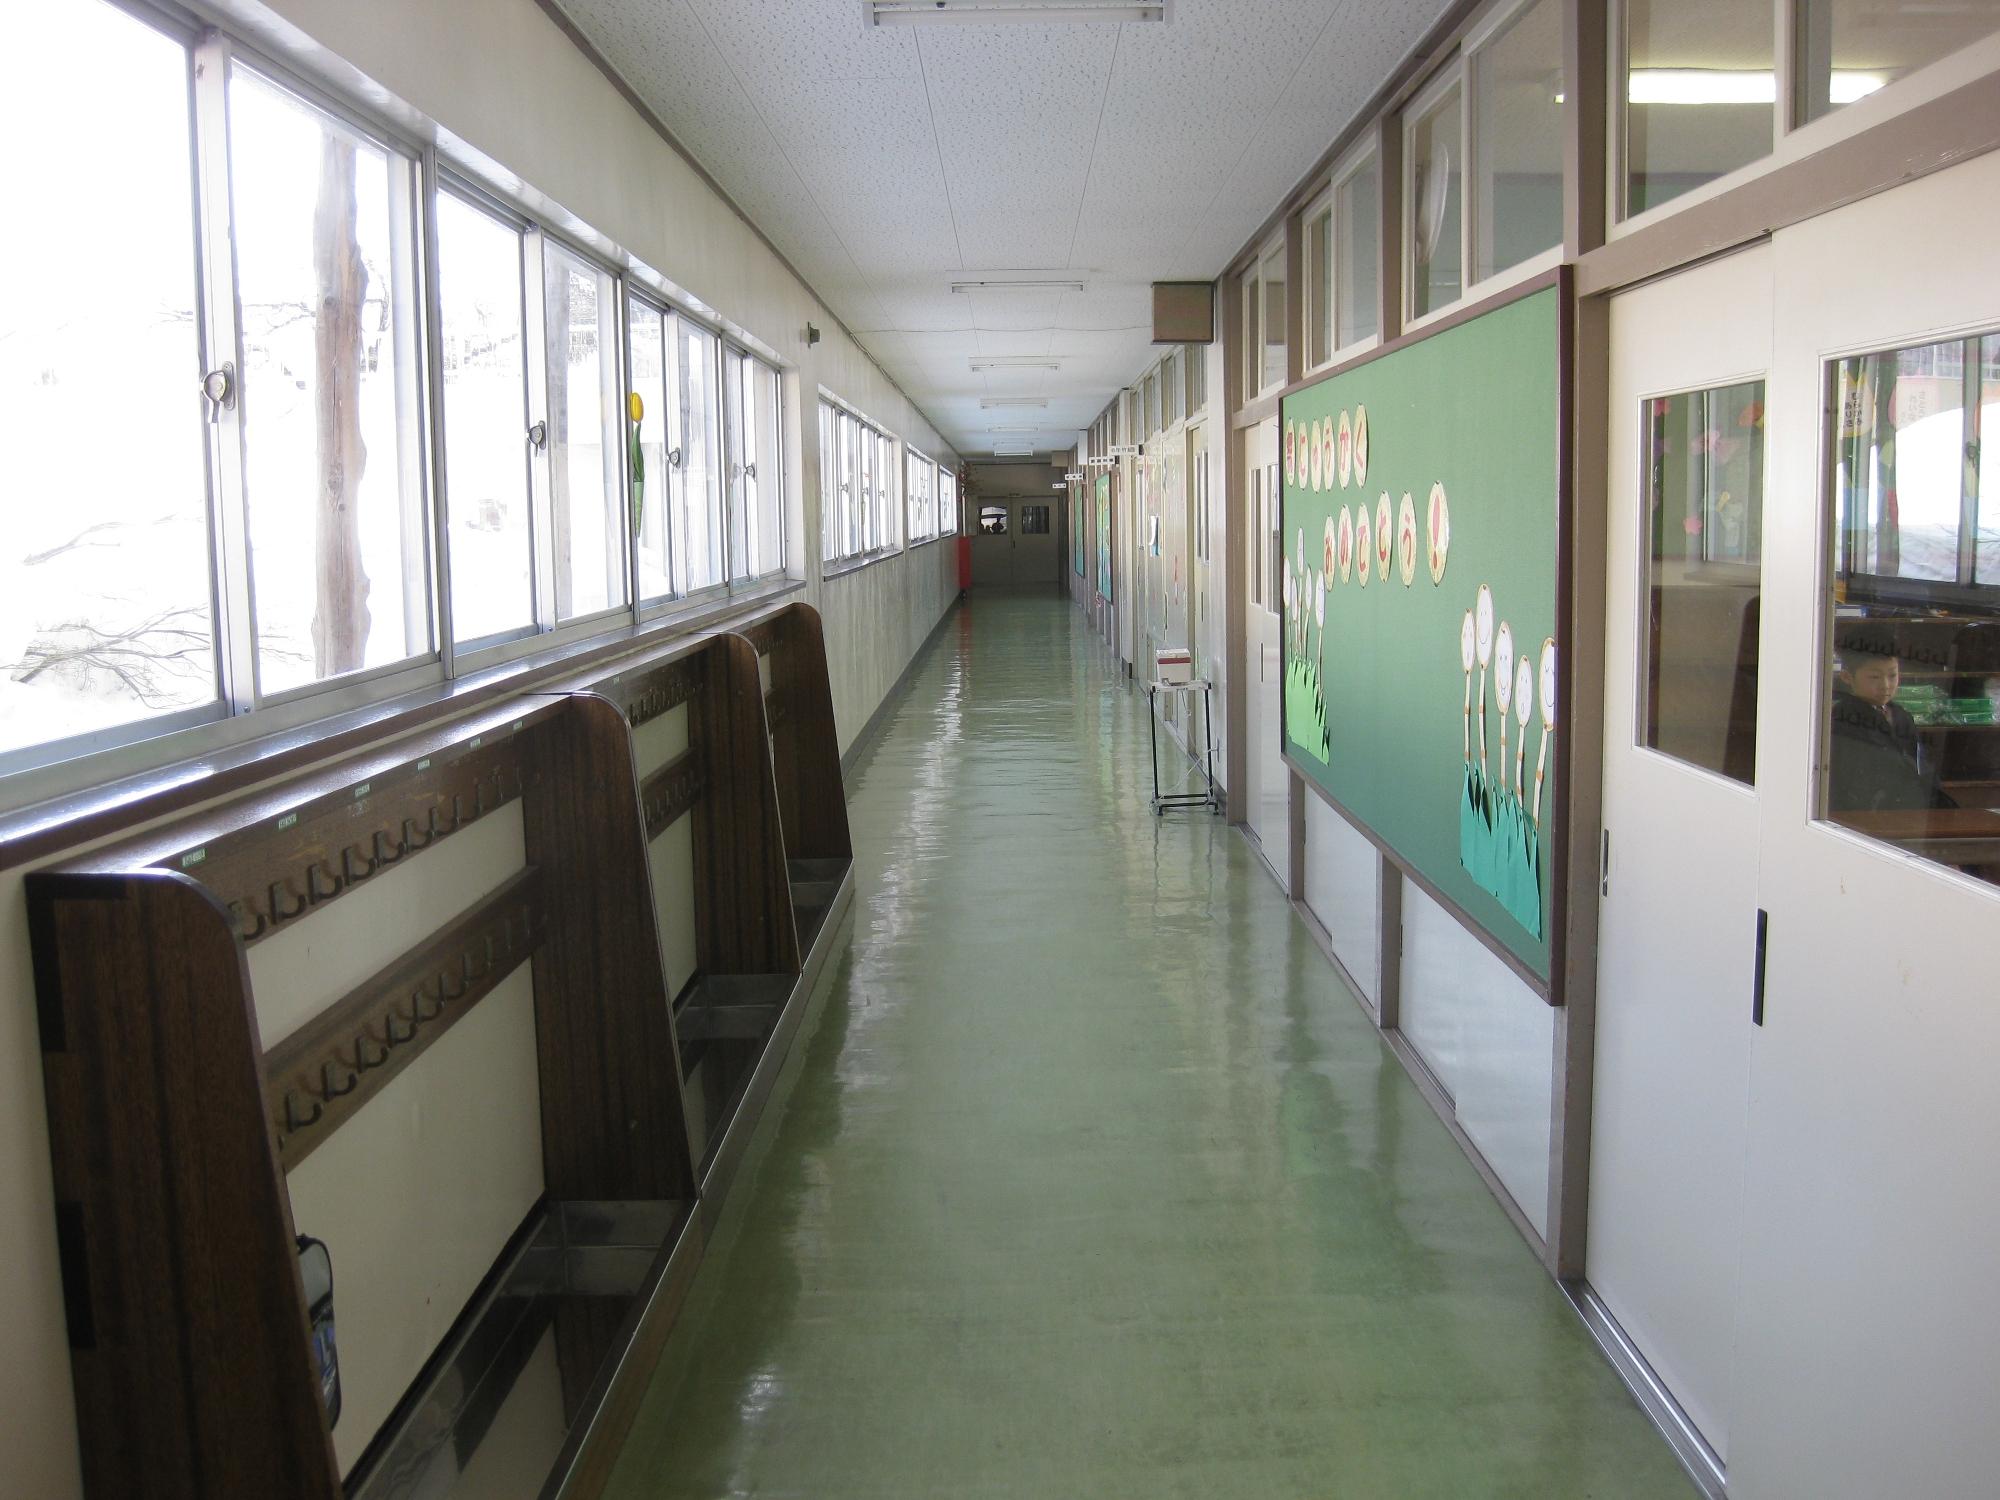 File:Jinego Elementary School 1F Hallway 2.jpg - Wikimedia ...